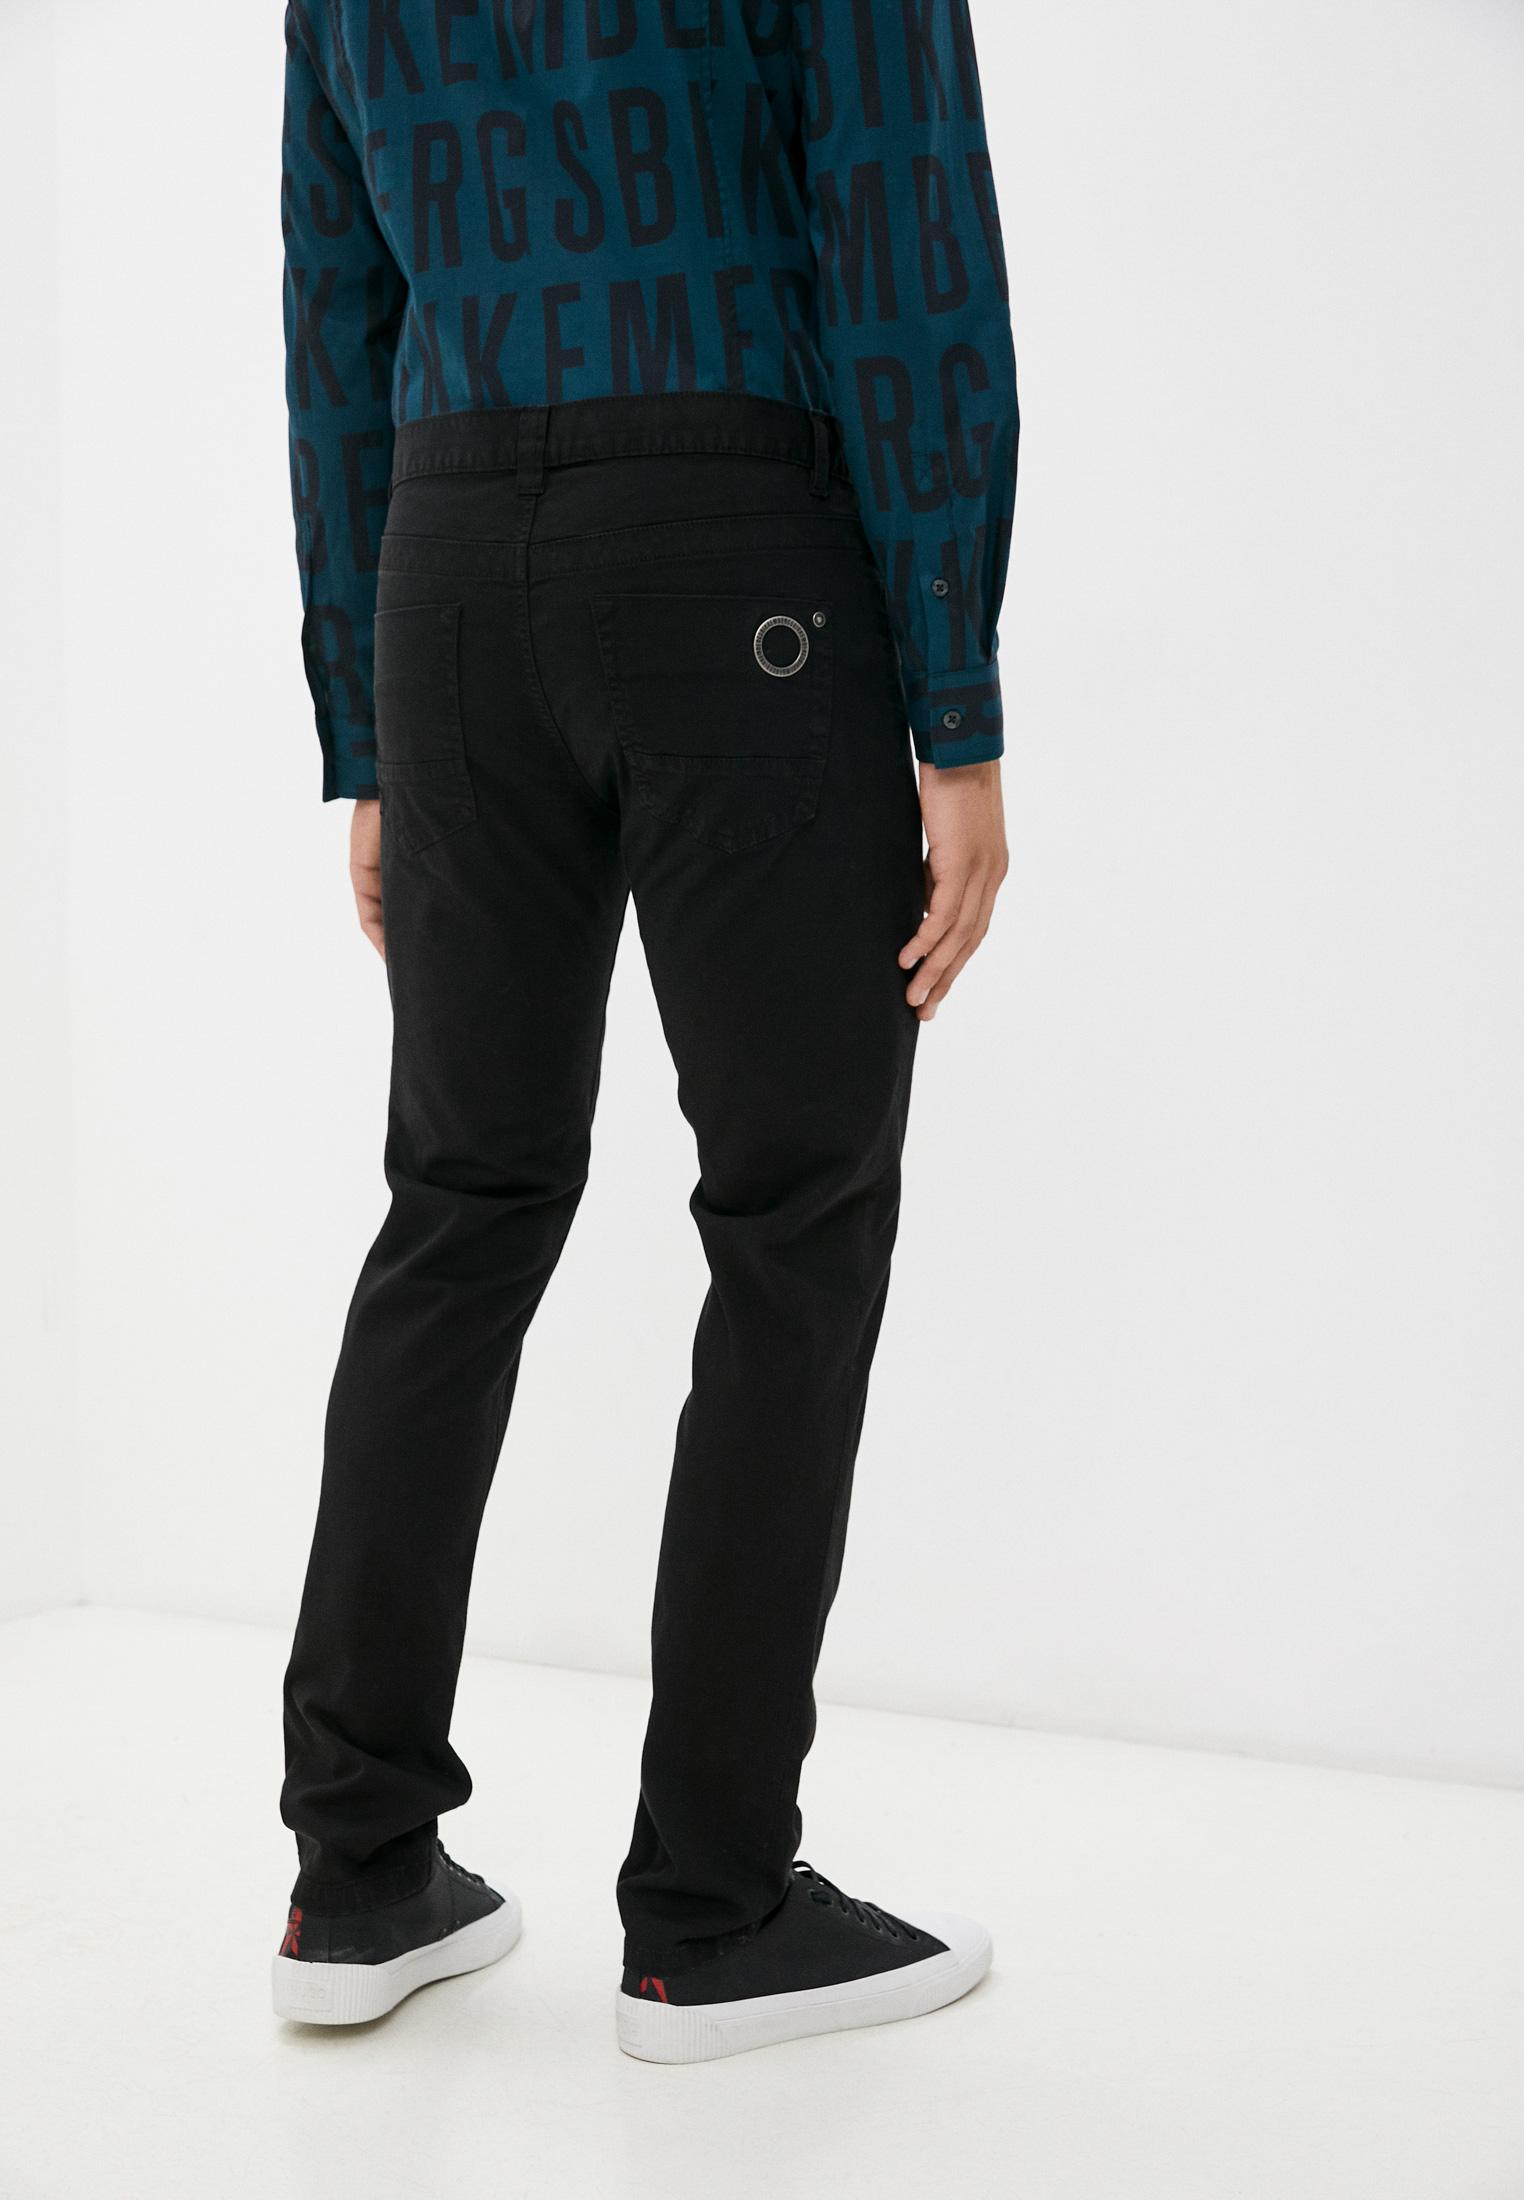 Мужские зауженные джинсы Bikkembergs (Биккембергс) C Q 101 18 S 3279: изображение 4